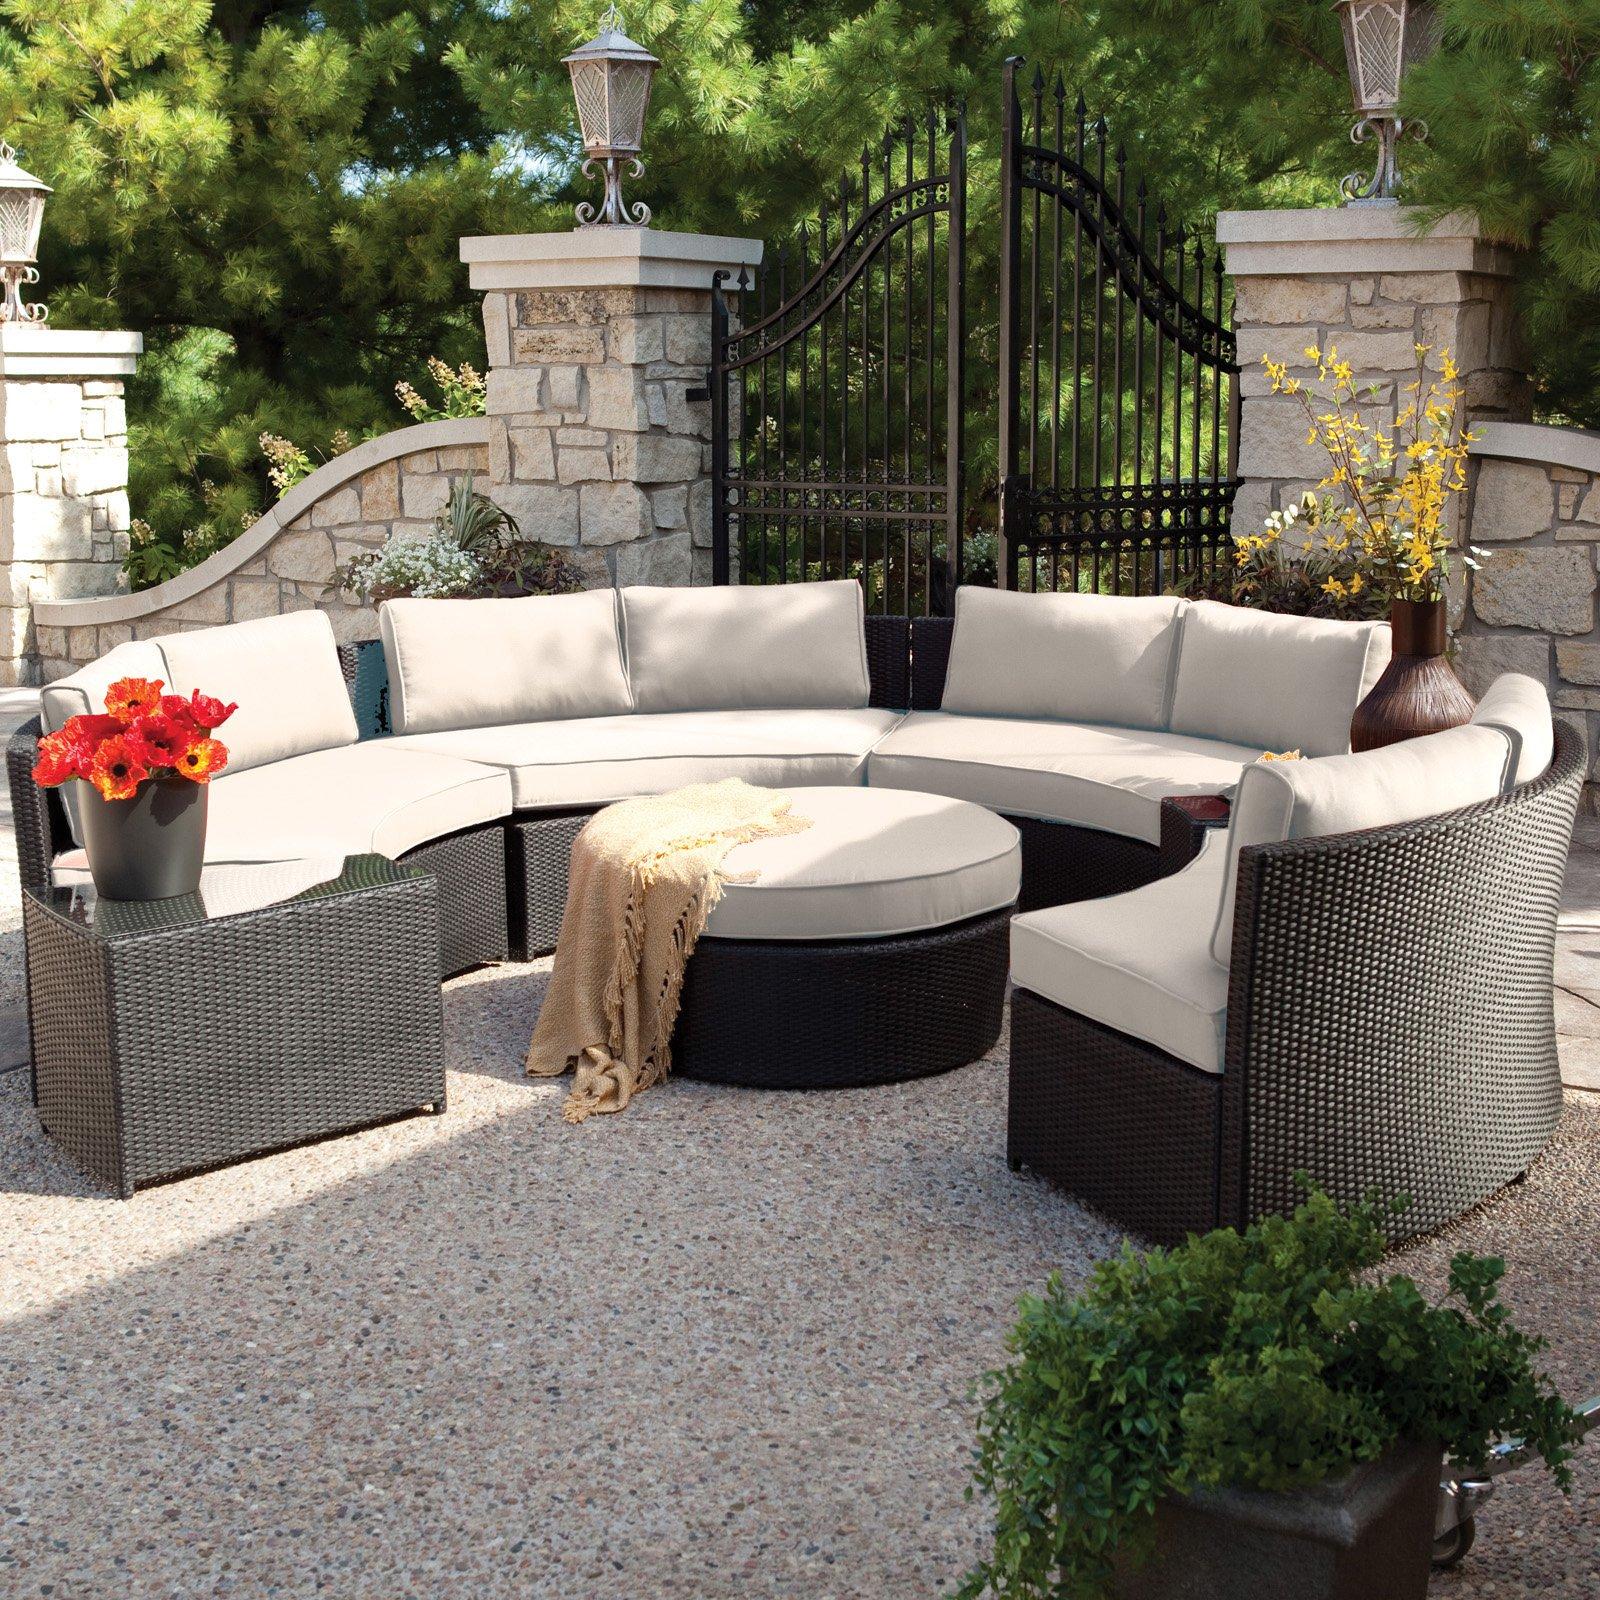 outdoor wicker furniture belham living meridian round outdoor wicker patio furniture set with ZQYNDZR